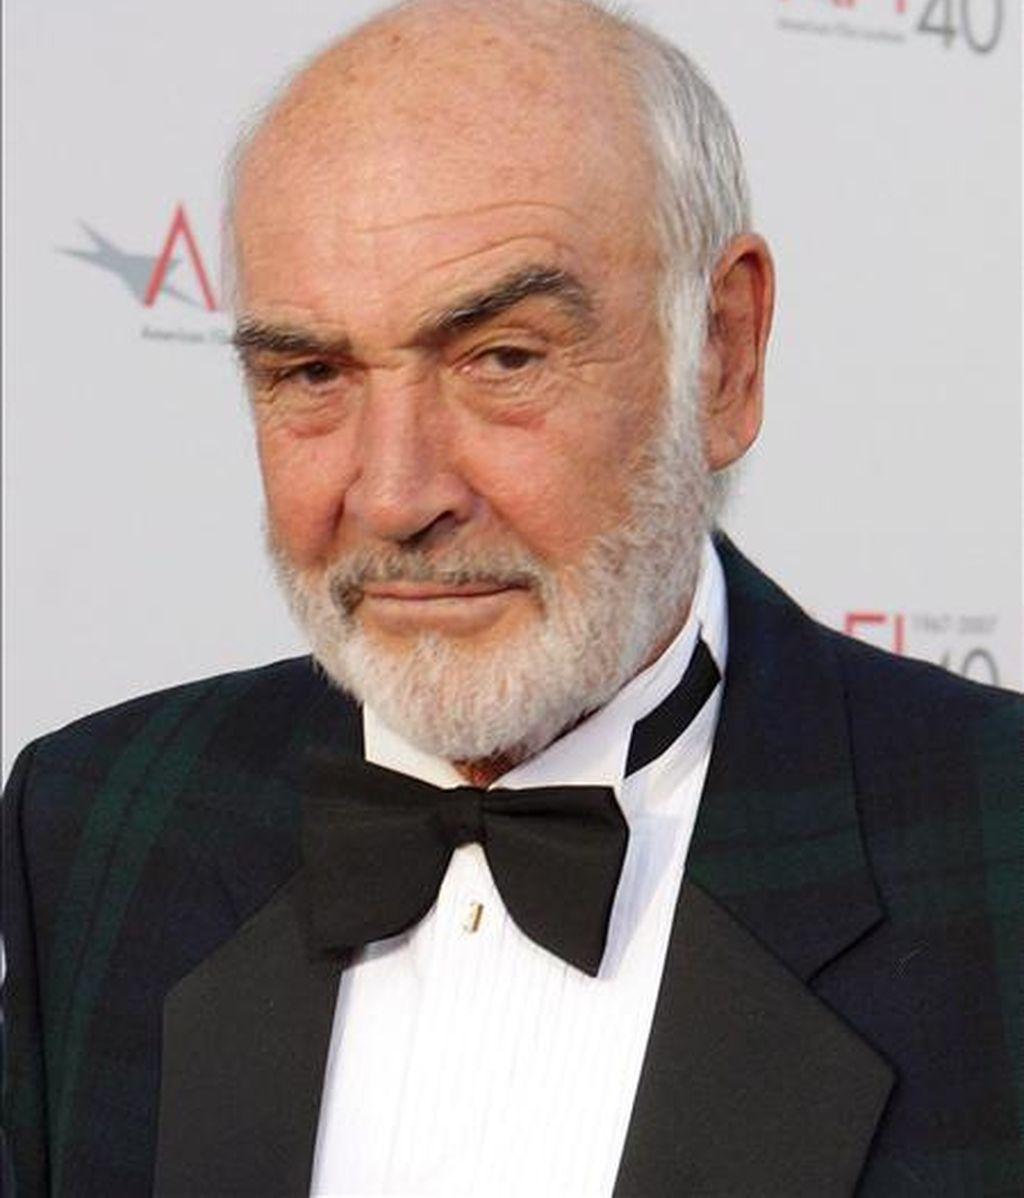 Fotografía de archivo del 7 de junio de 2007 del  actor británico Sean Connery, a su llegada a la gala en la que el Instituto Estadounidense de Cinematografía (American Film Institute, AFI) le entregará el premio honorario a toda una vida a Al Pacino, en Los Angeles (California). EFE/Archivo